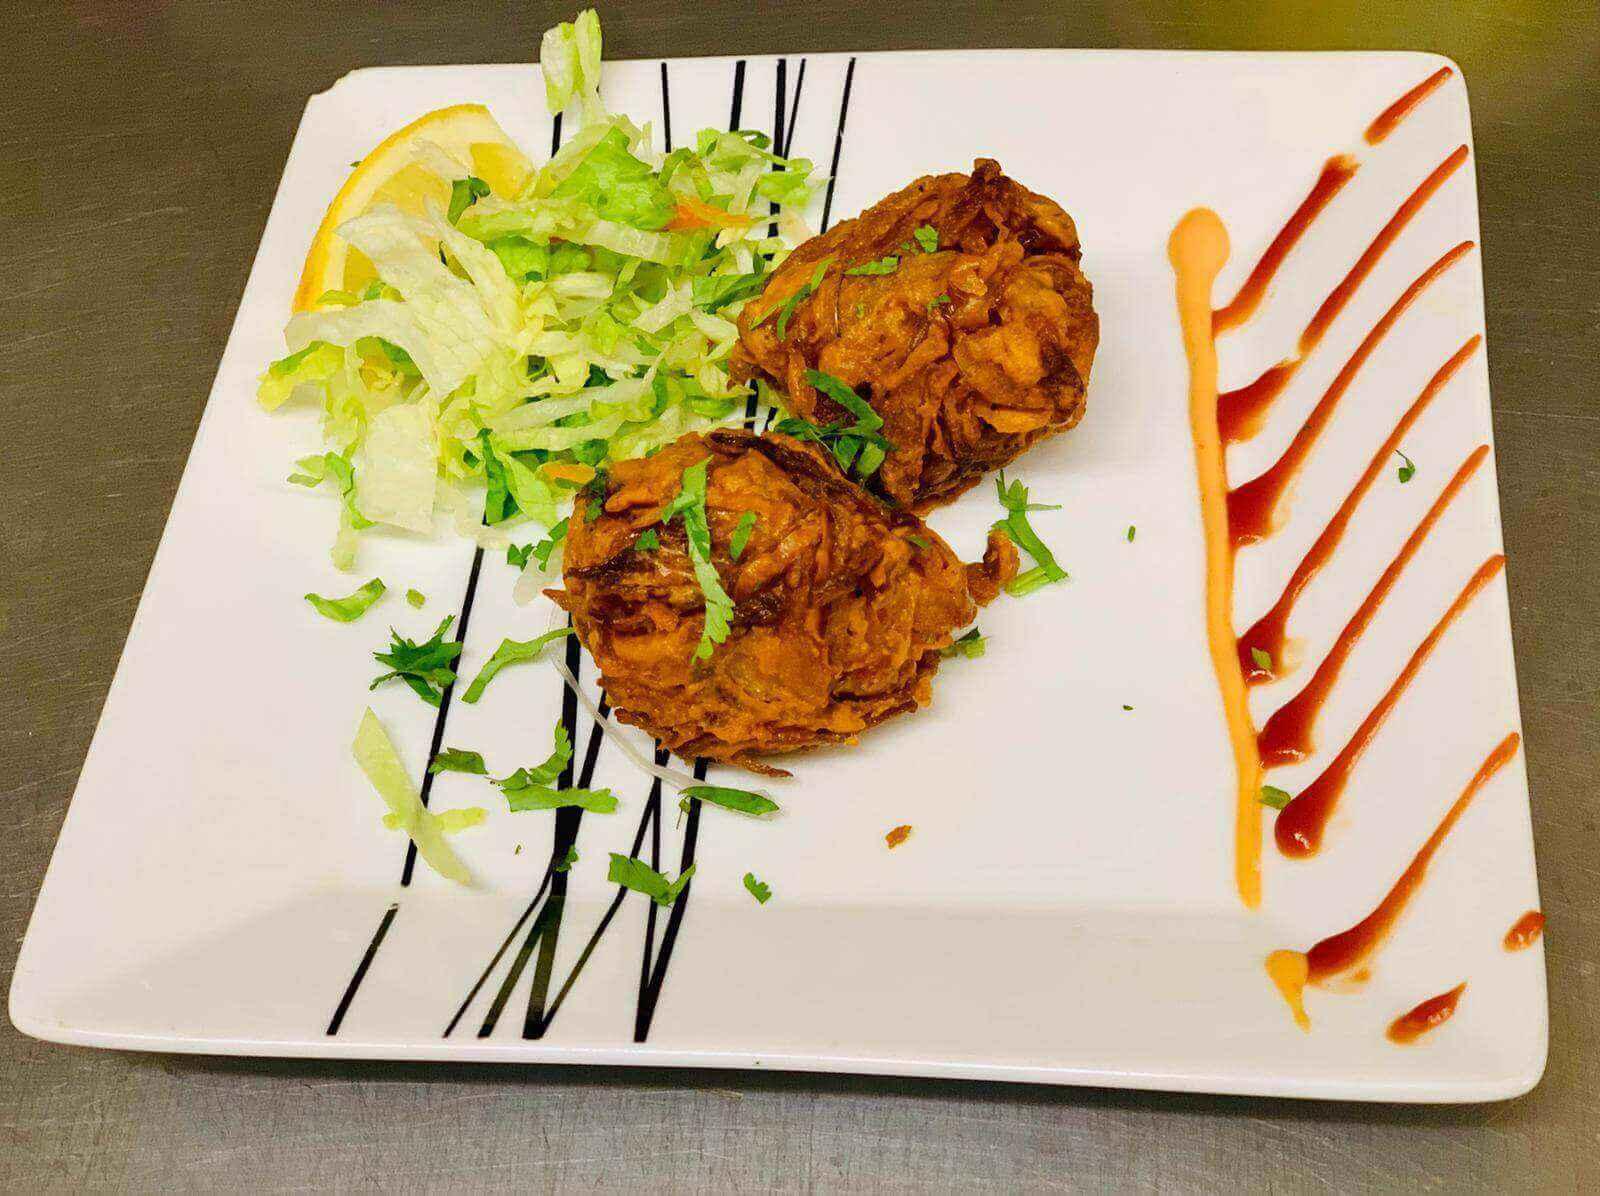 11. Takeaway Indian food khans restaurant battersea sw11